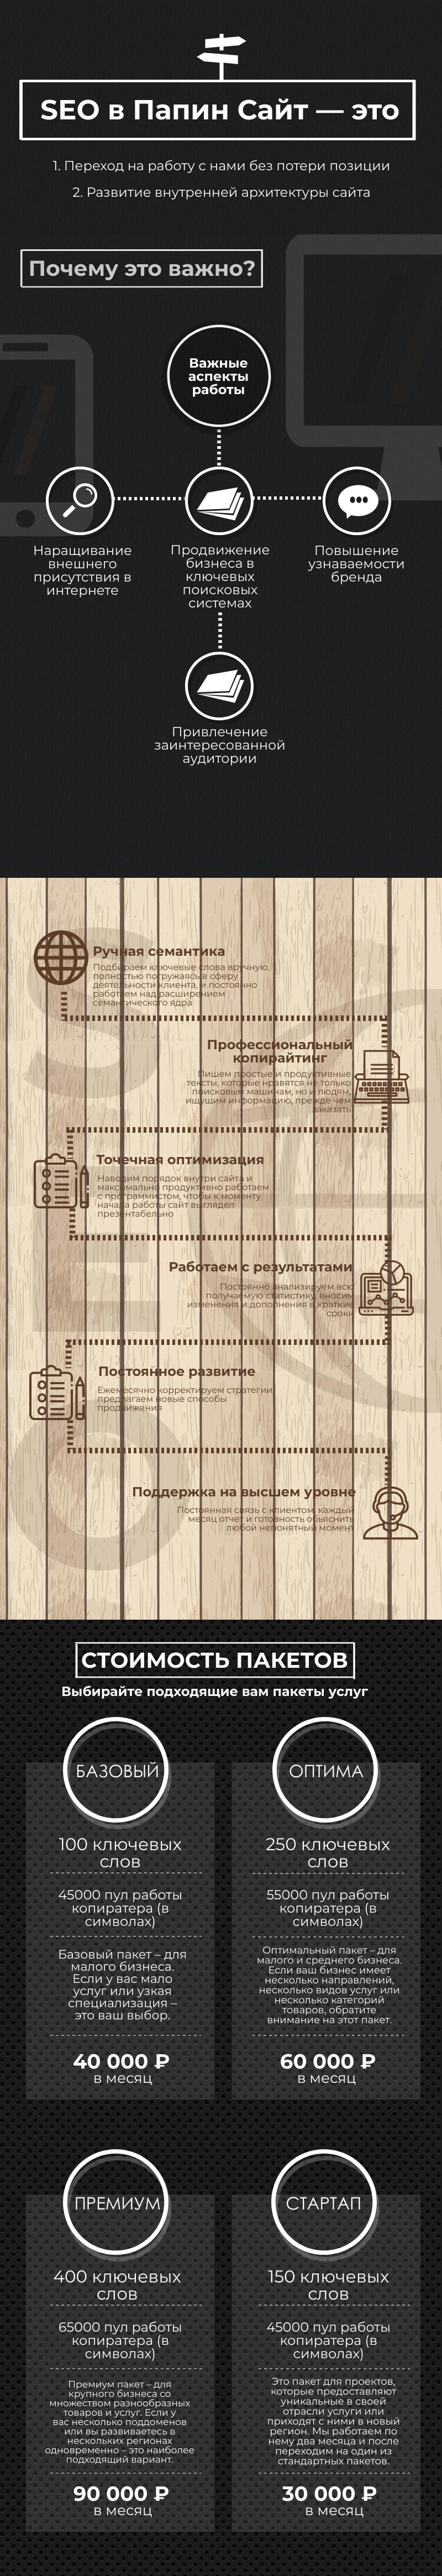 SEO продвижене сайтов веб студия Папин Сайт